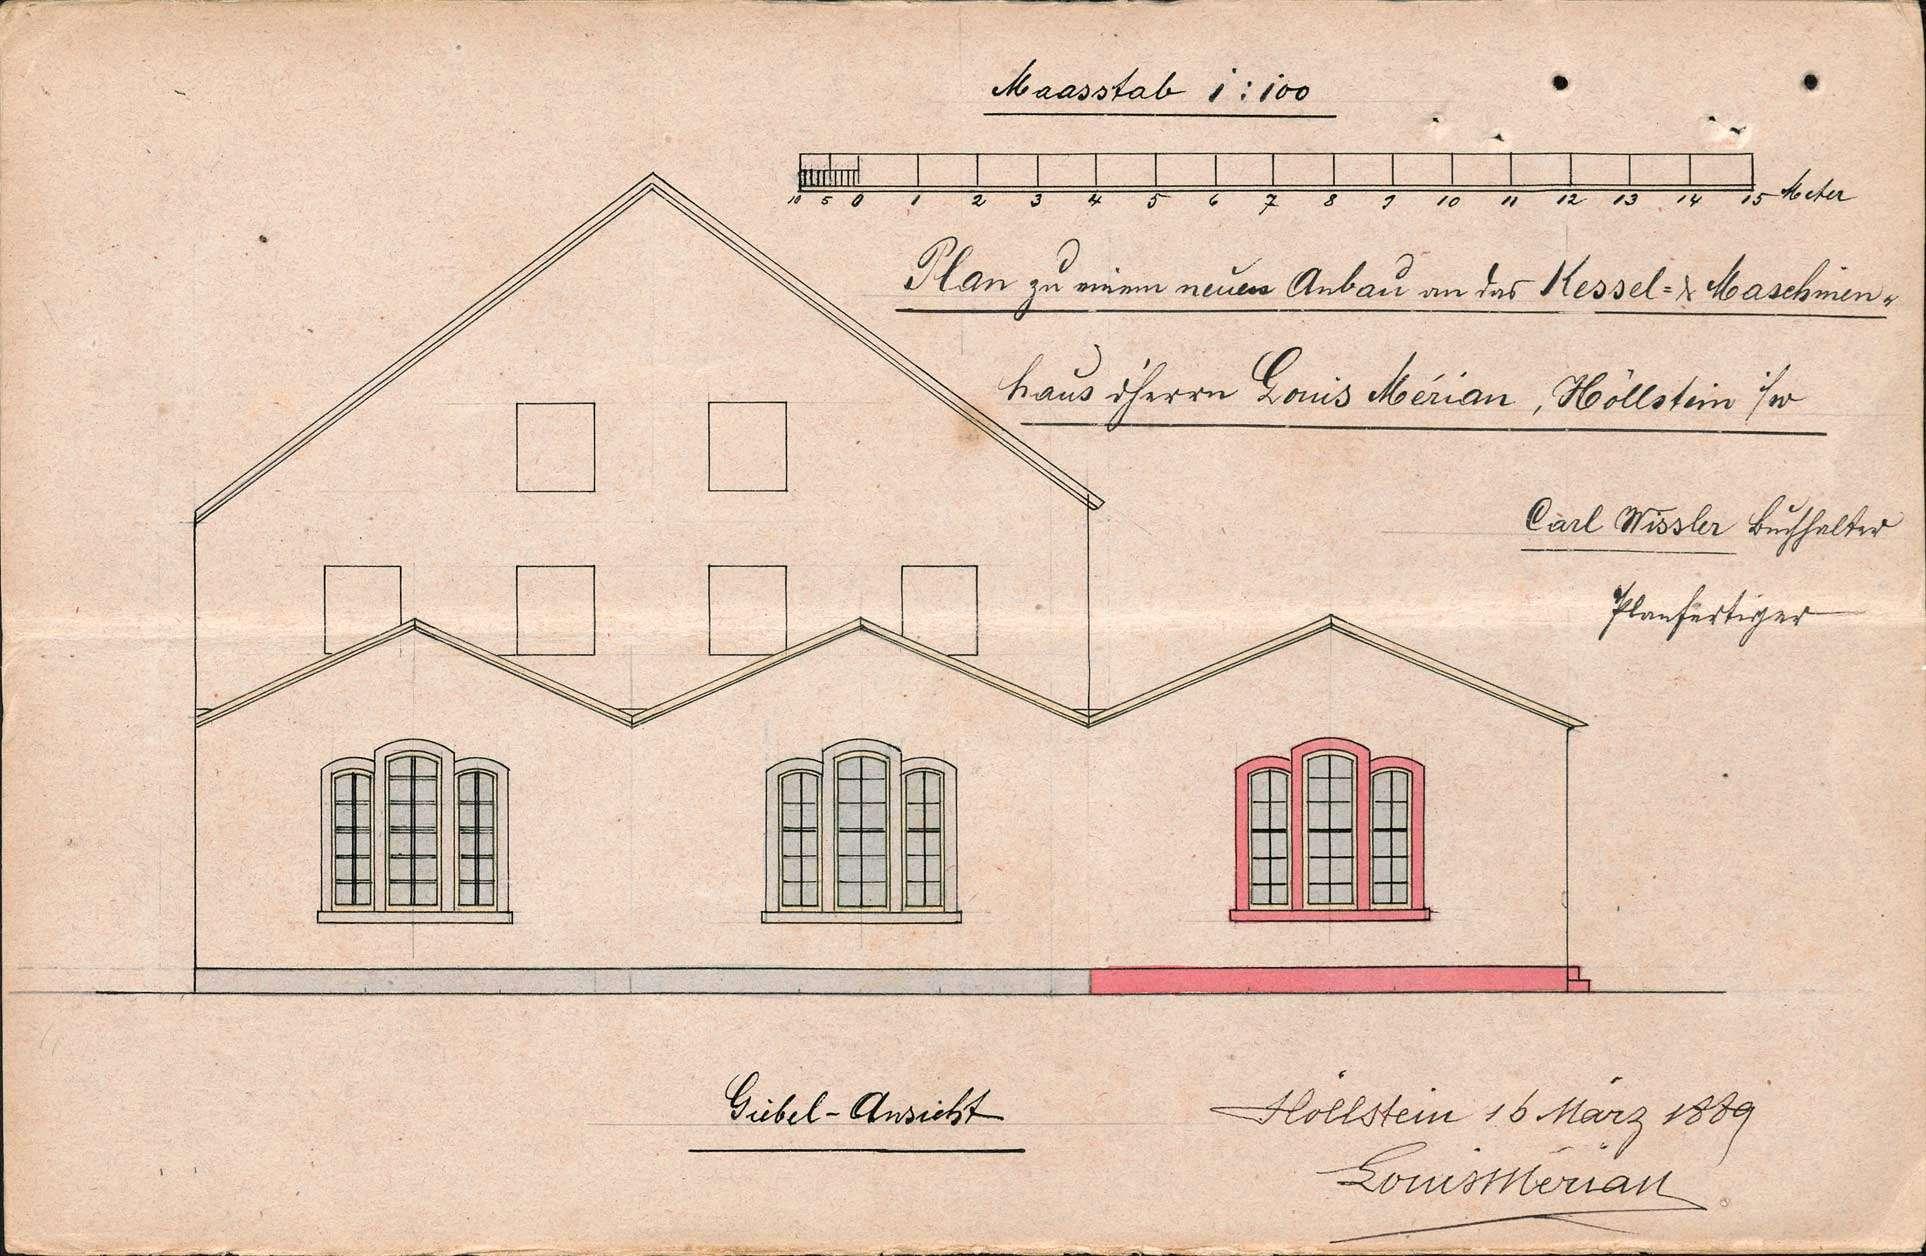 Verlegung der in der Maschinenfabrik des Louis Merian in Höllstein bestehenden Gasfabrik, Bild 3